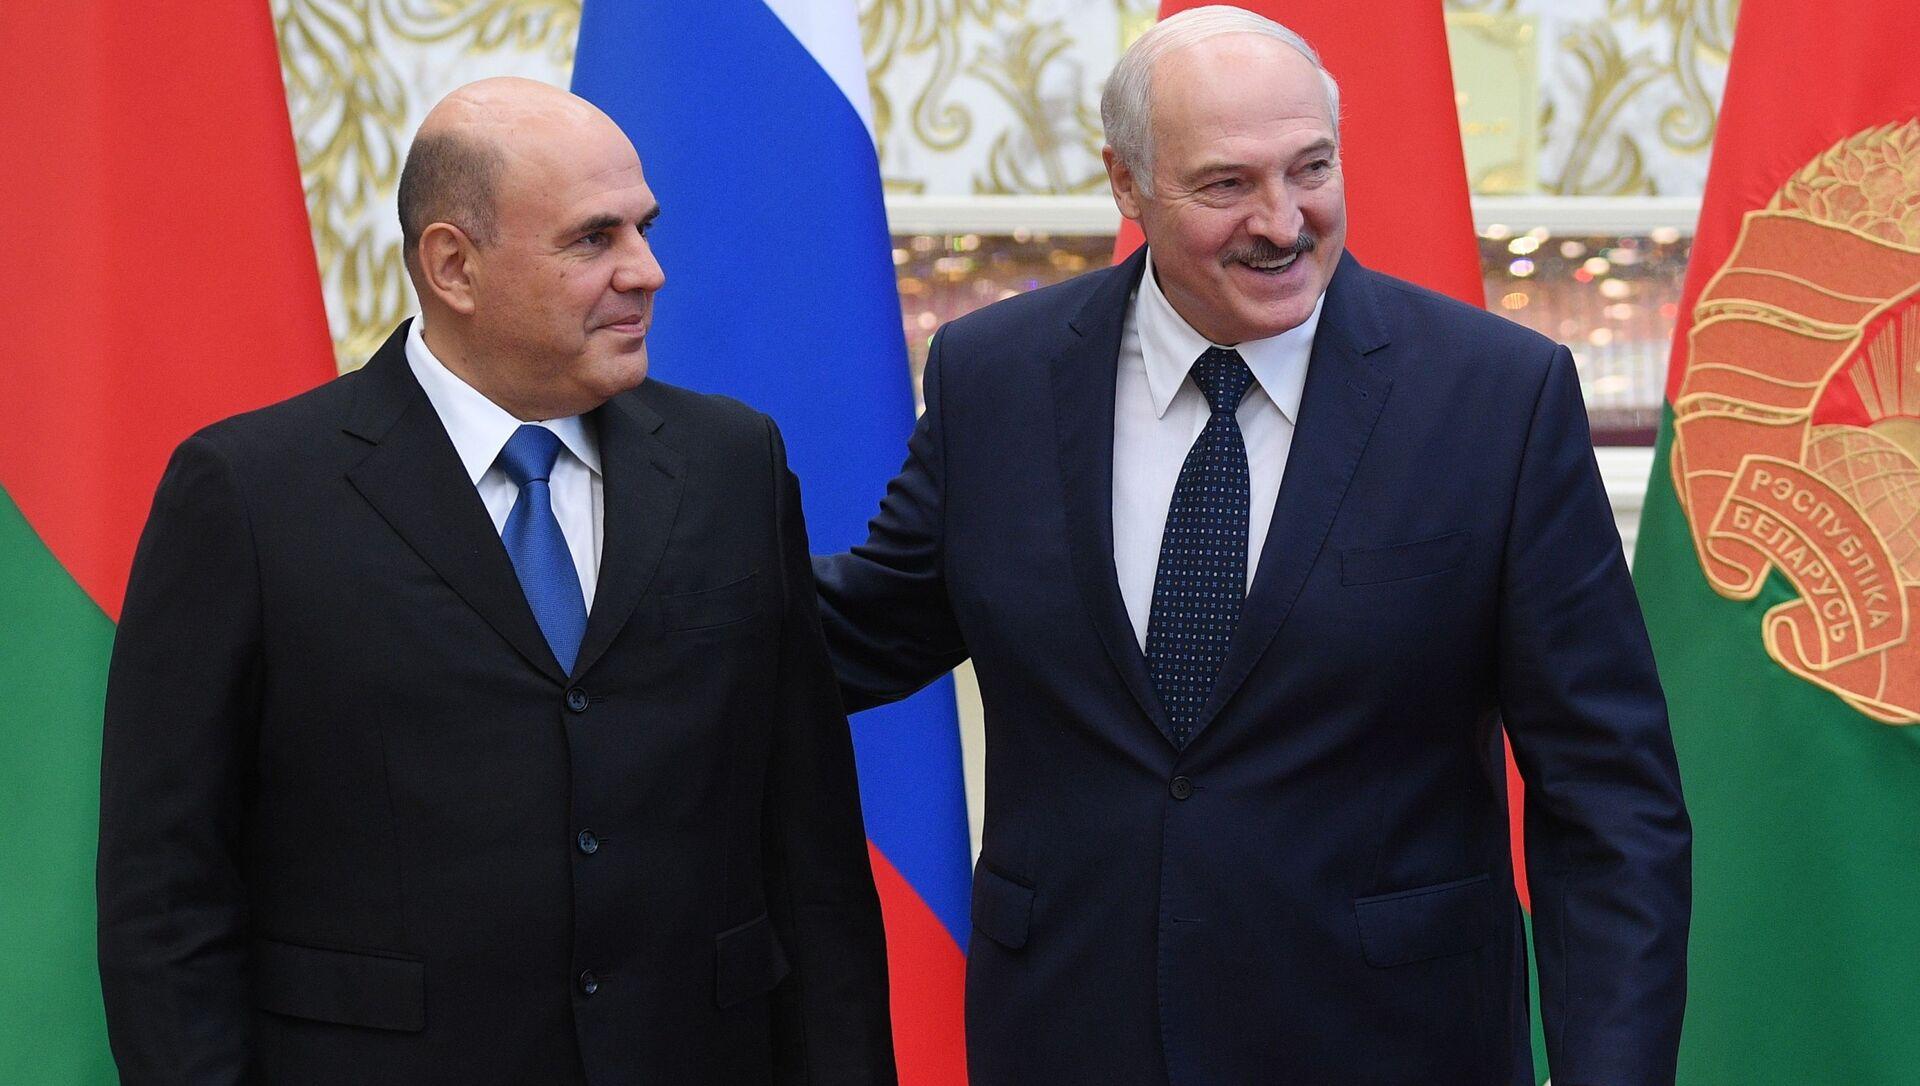 El primer ministro de Rusia, Mijaíl Mishustin, y el presidente bielorruso, Alexandr Lukashenko - Sputnik Mundo, 1920, 03.09.2020